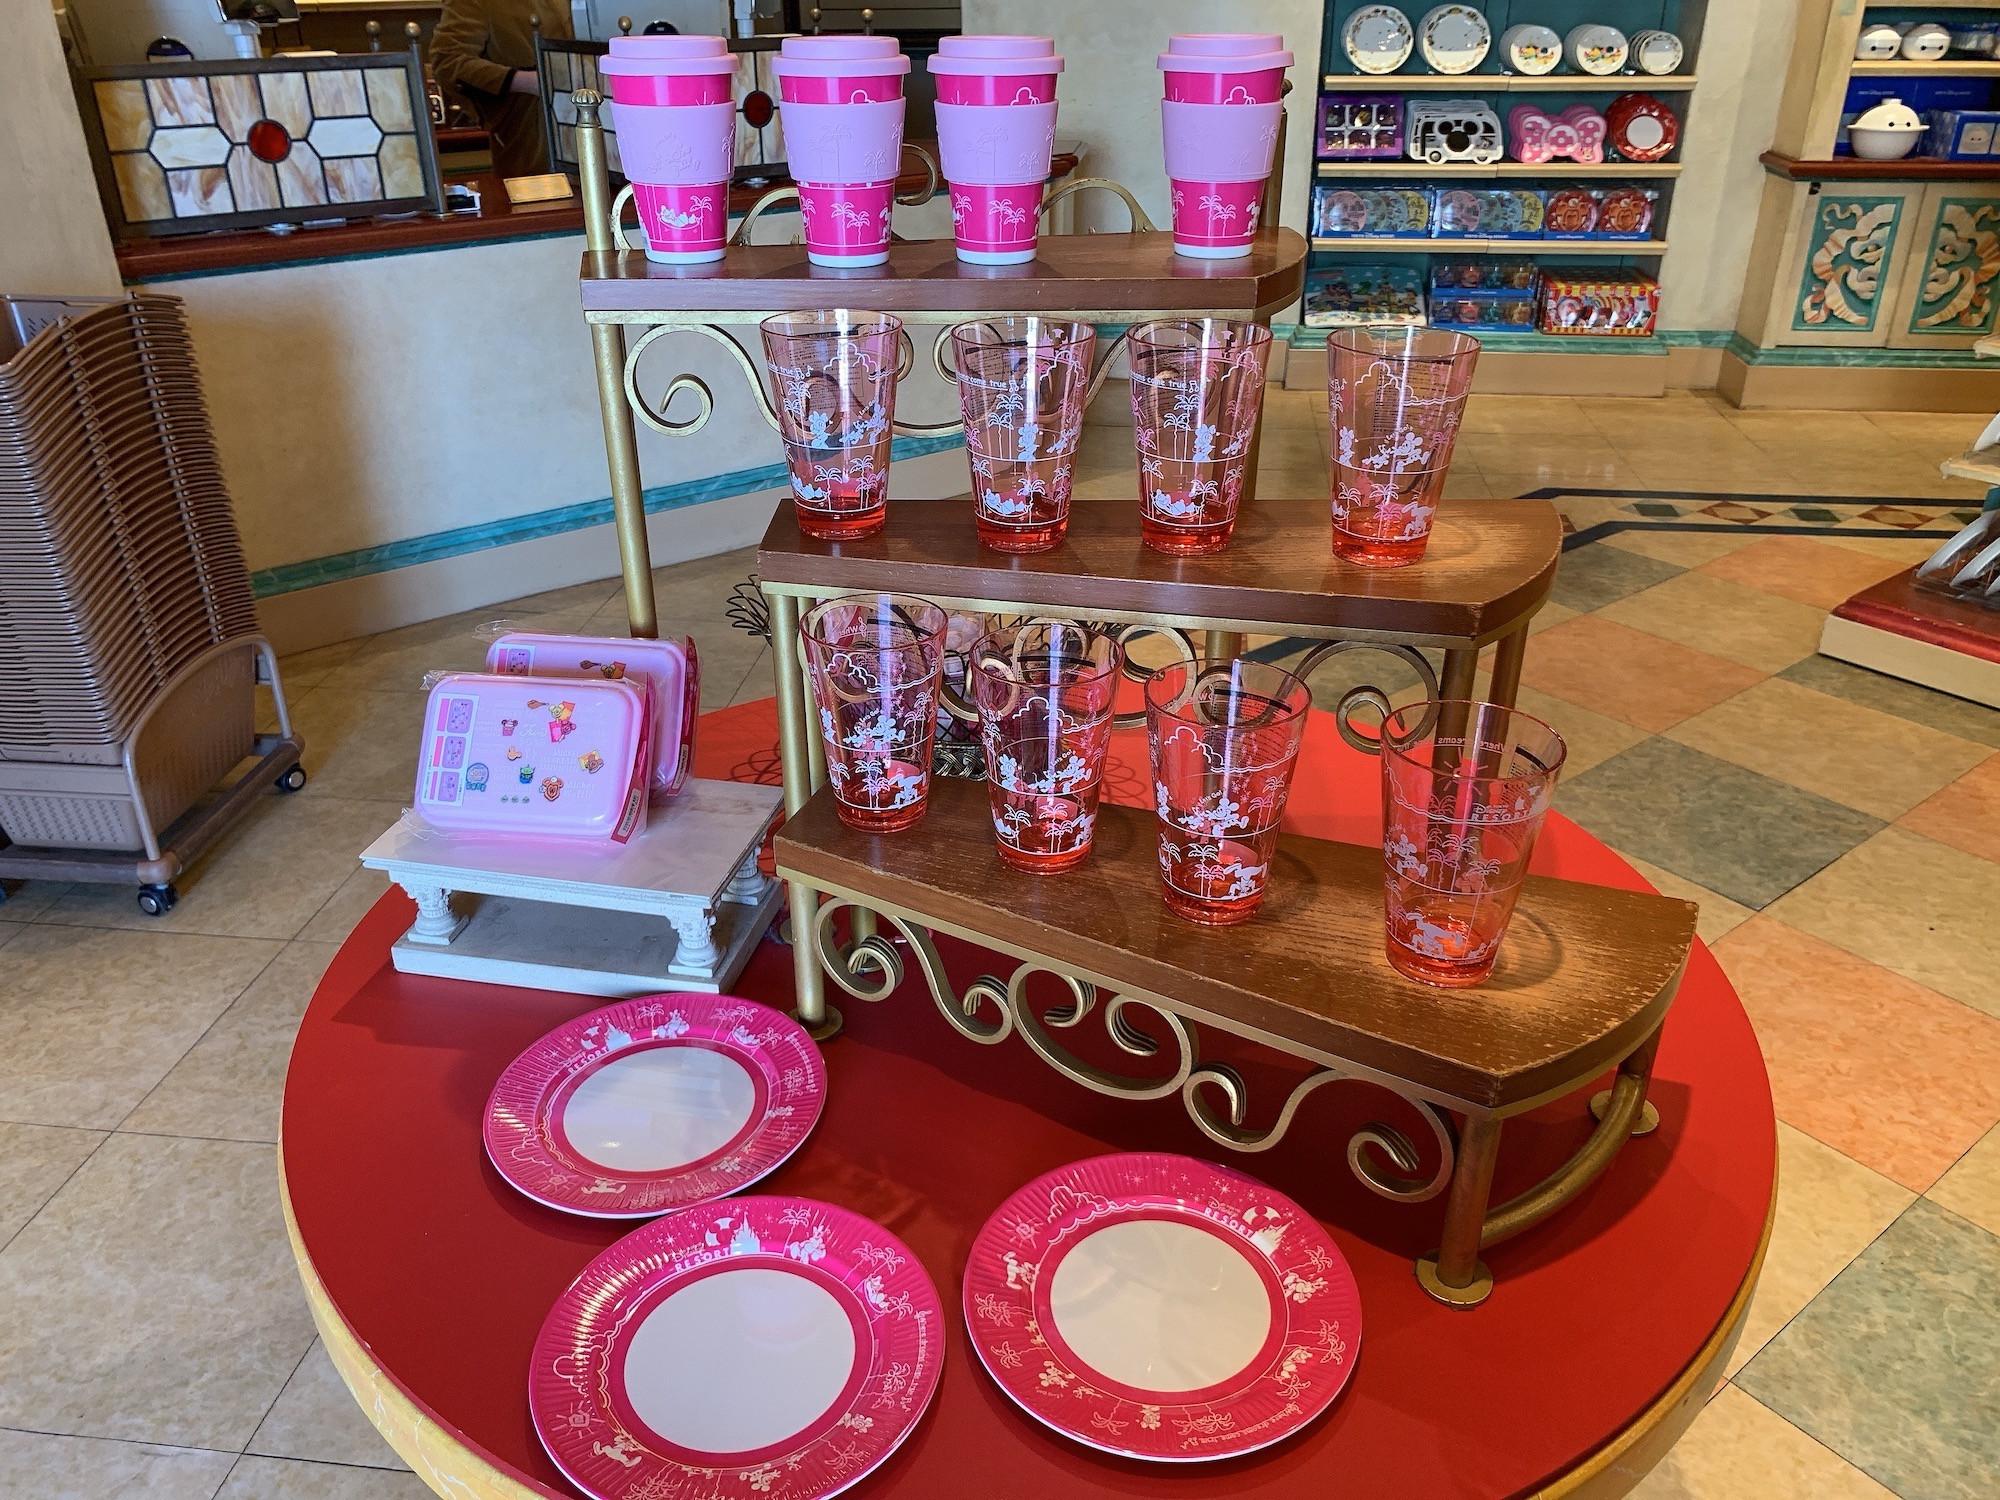 【2018】ディズニー食器42選 !お茶碗、お椀、お皿にどんぶりや湯呑みが種類豊富に発売中!